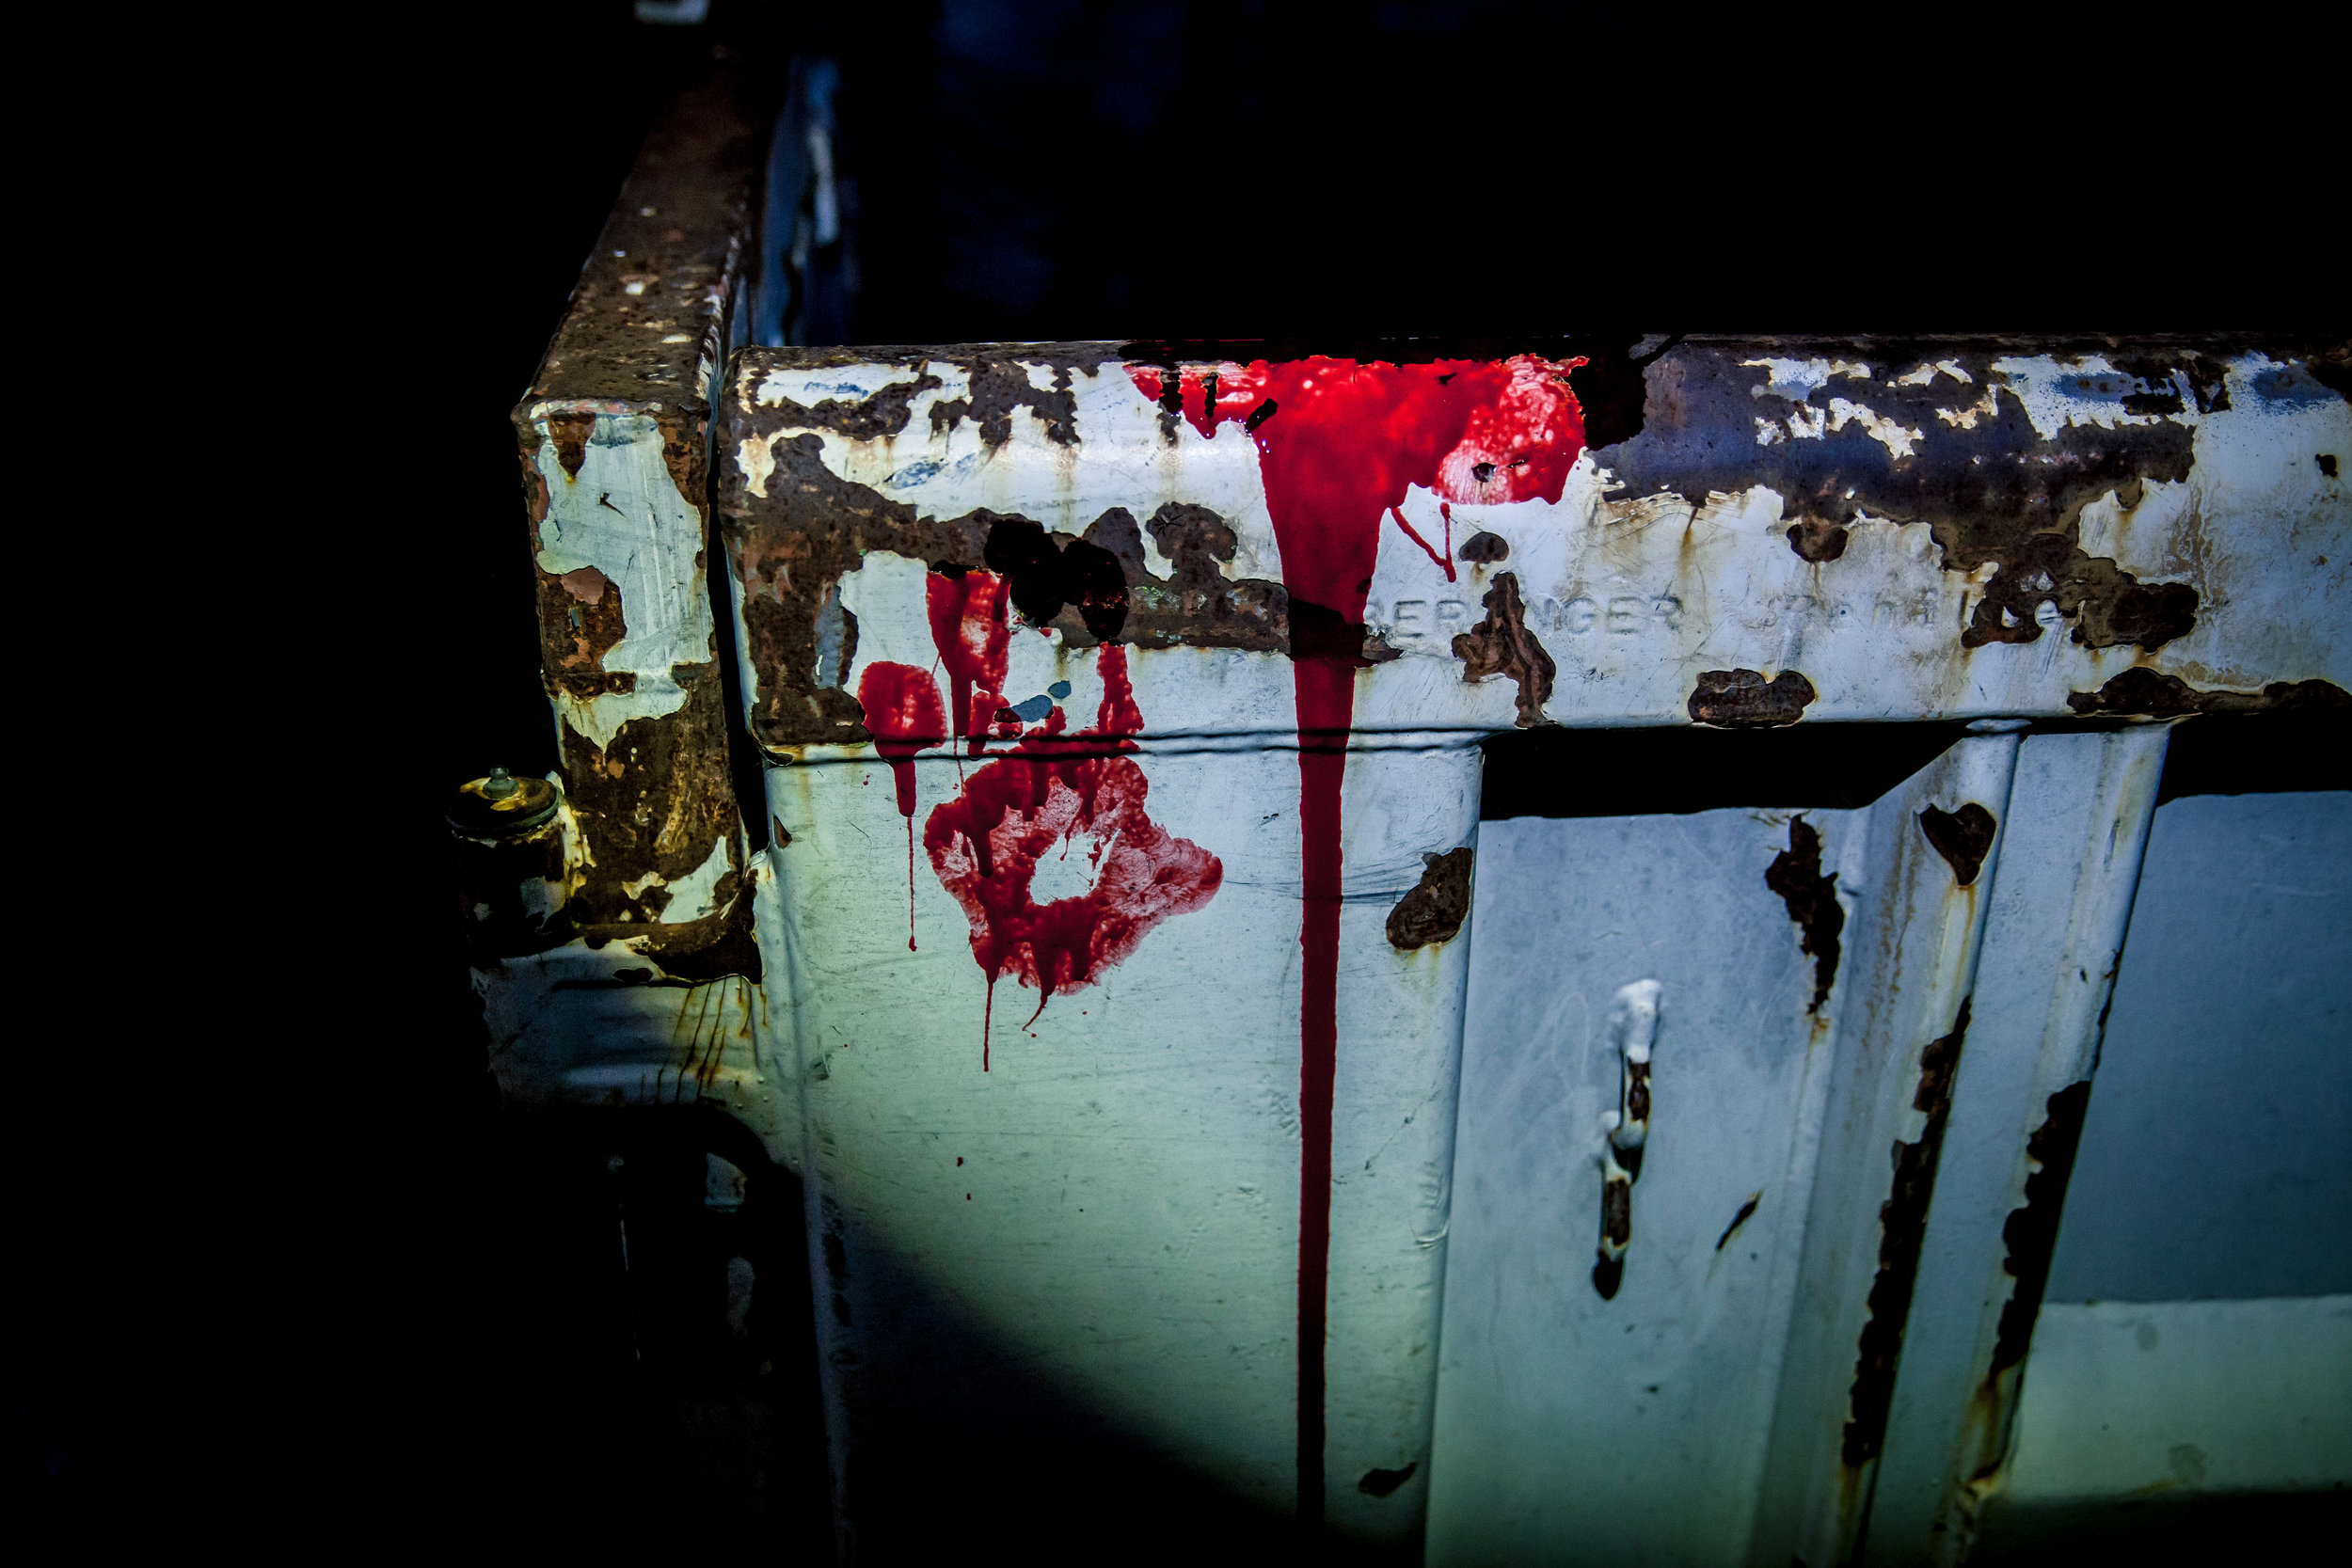 Theater Blut um die Szene noch echter wirken zu lassen...